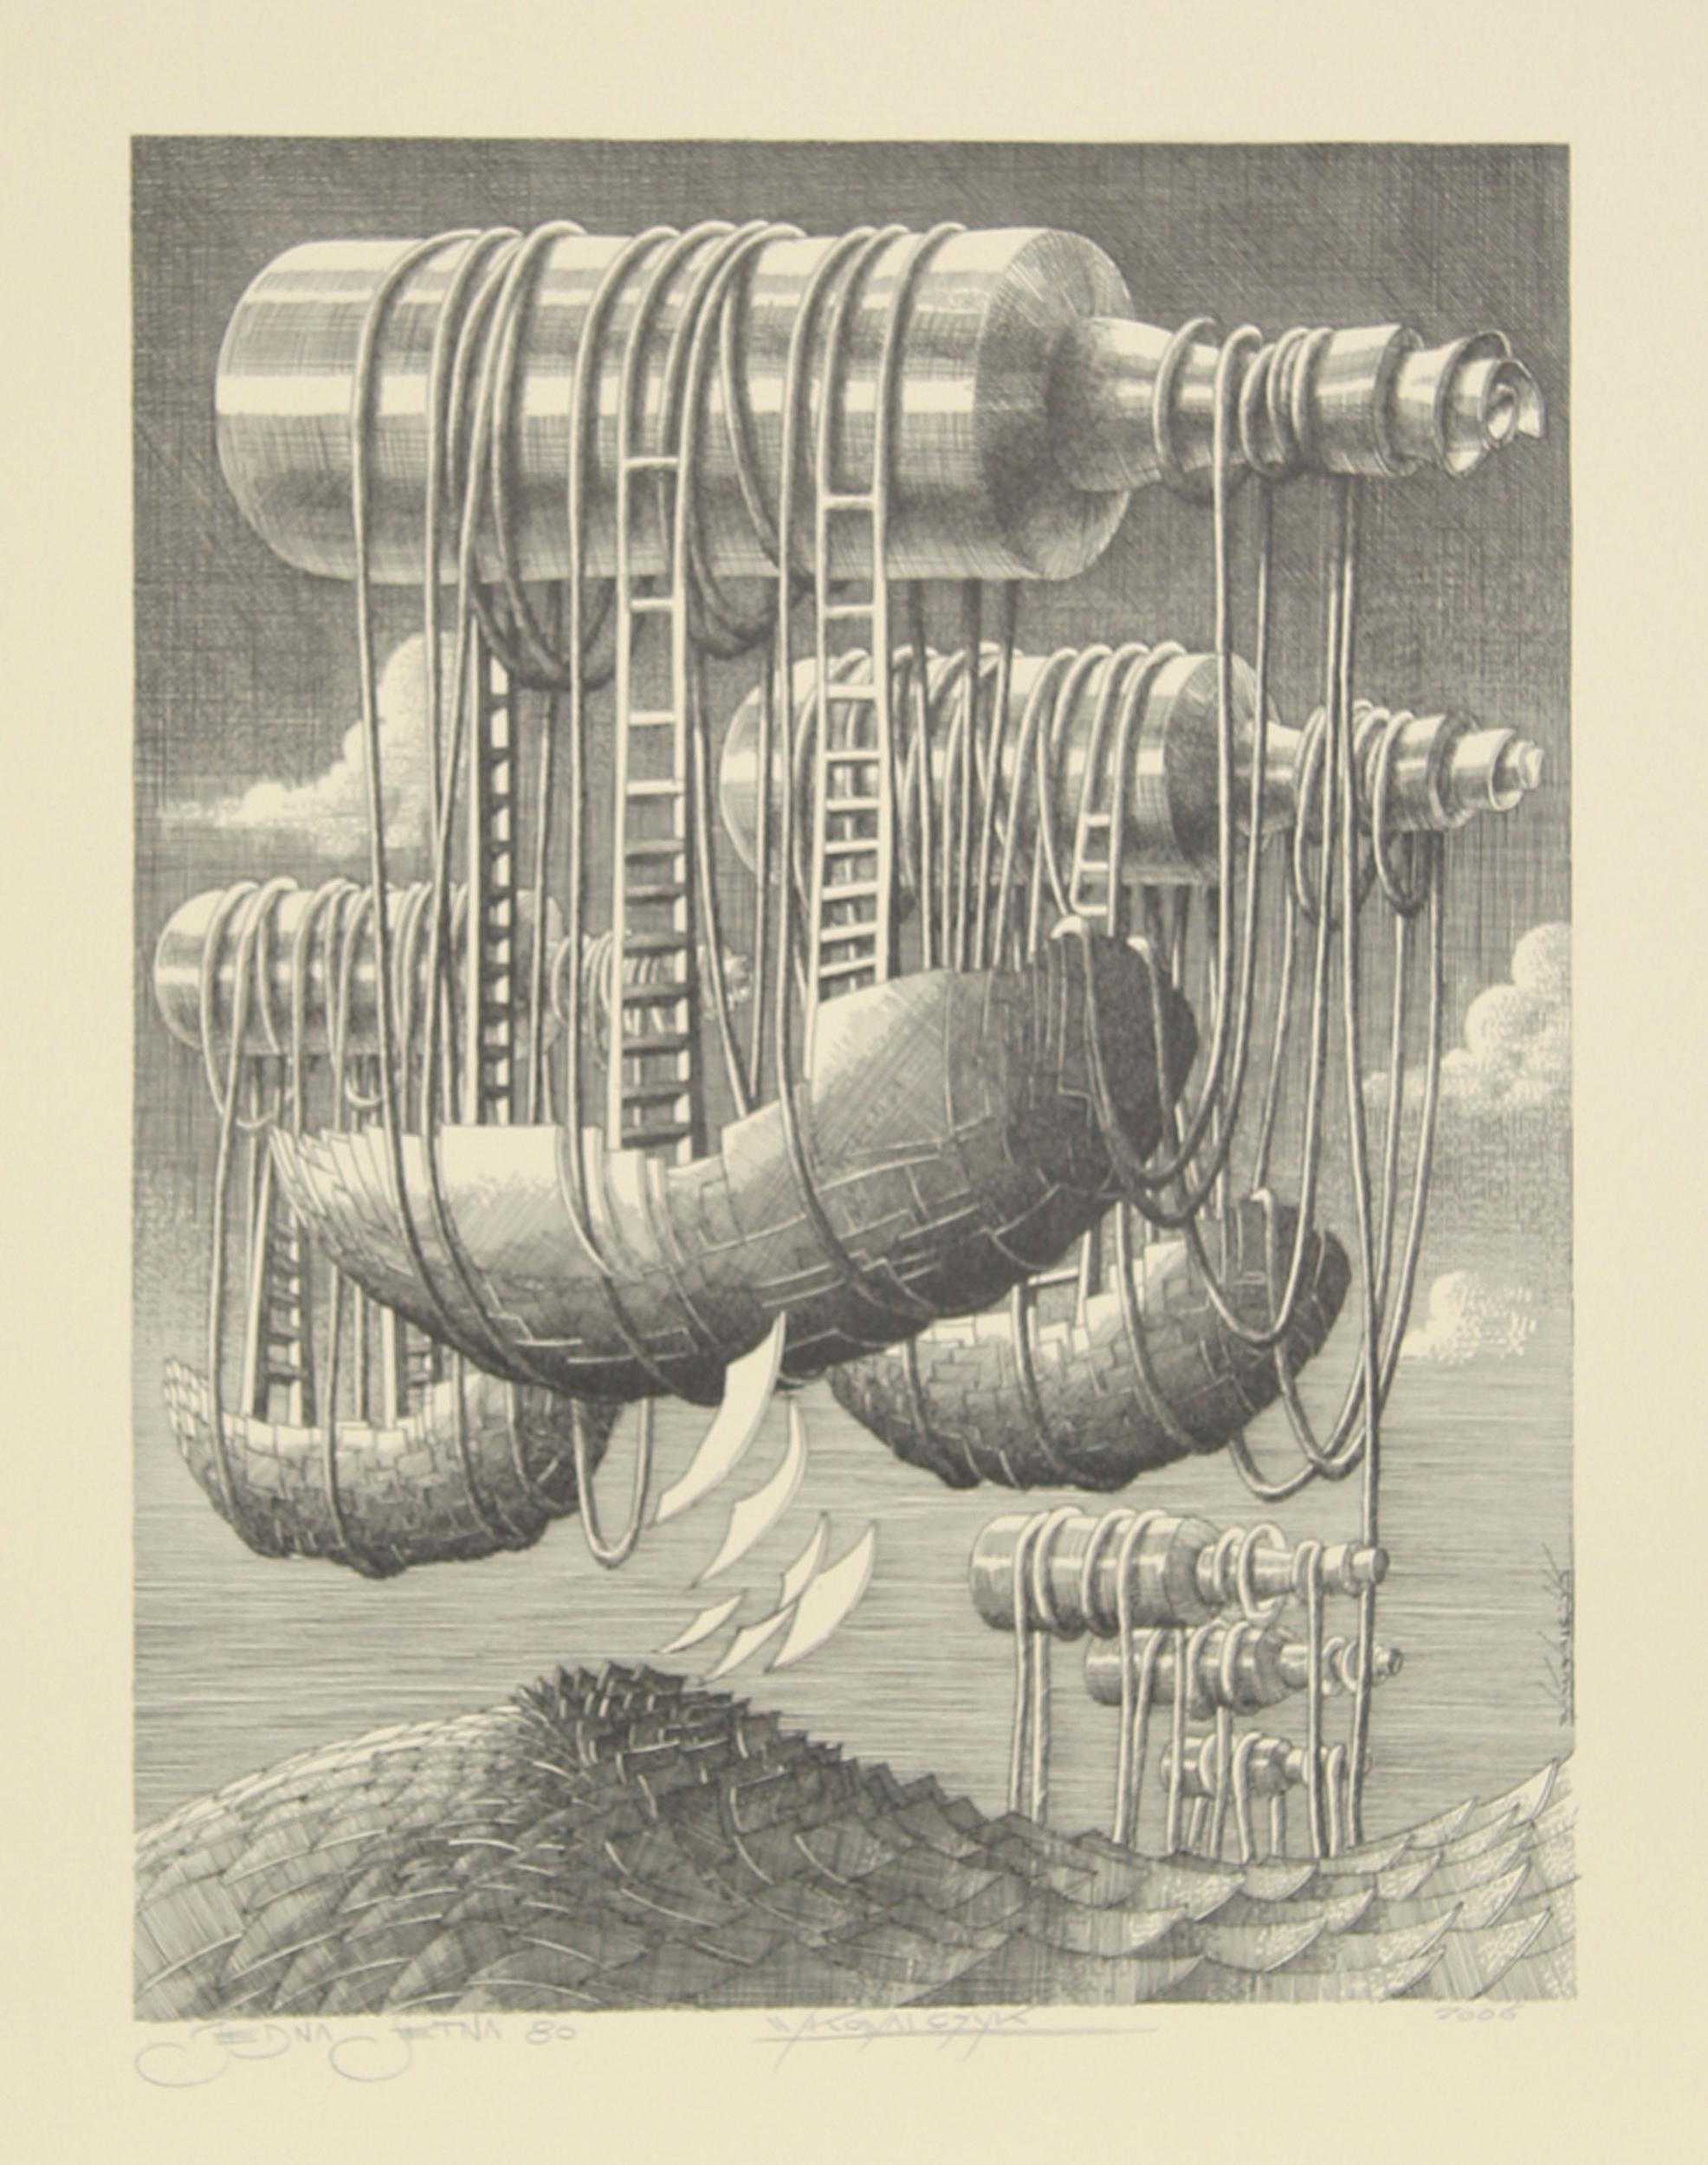 Wojtek Kowalczyk, Message in a Bottle, Lithograph